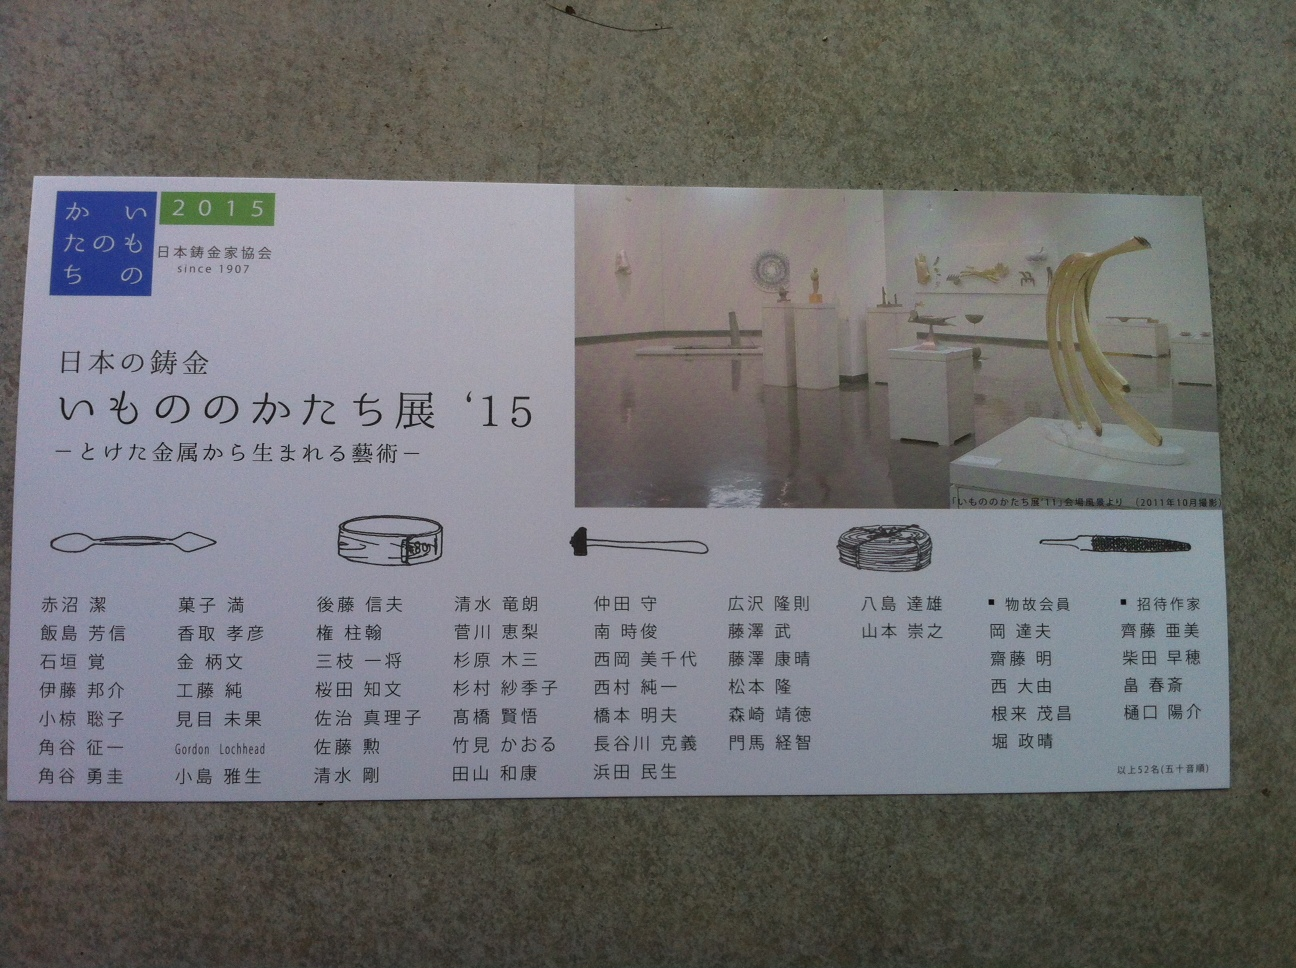 「日本の鋳金 いもののかたち展\'15」_a0197647_14524845.jpg